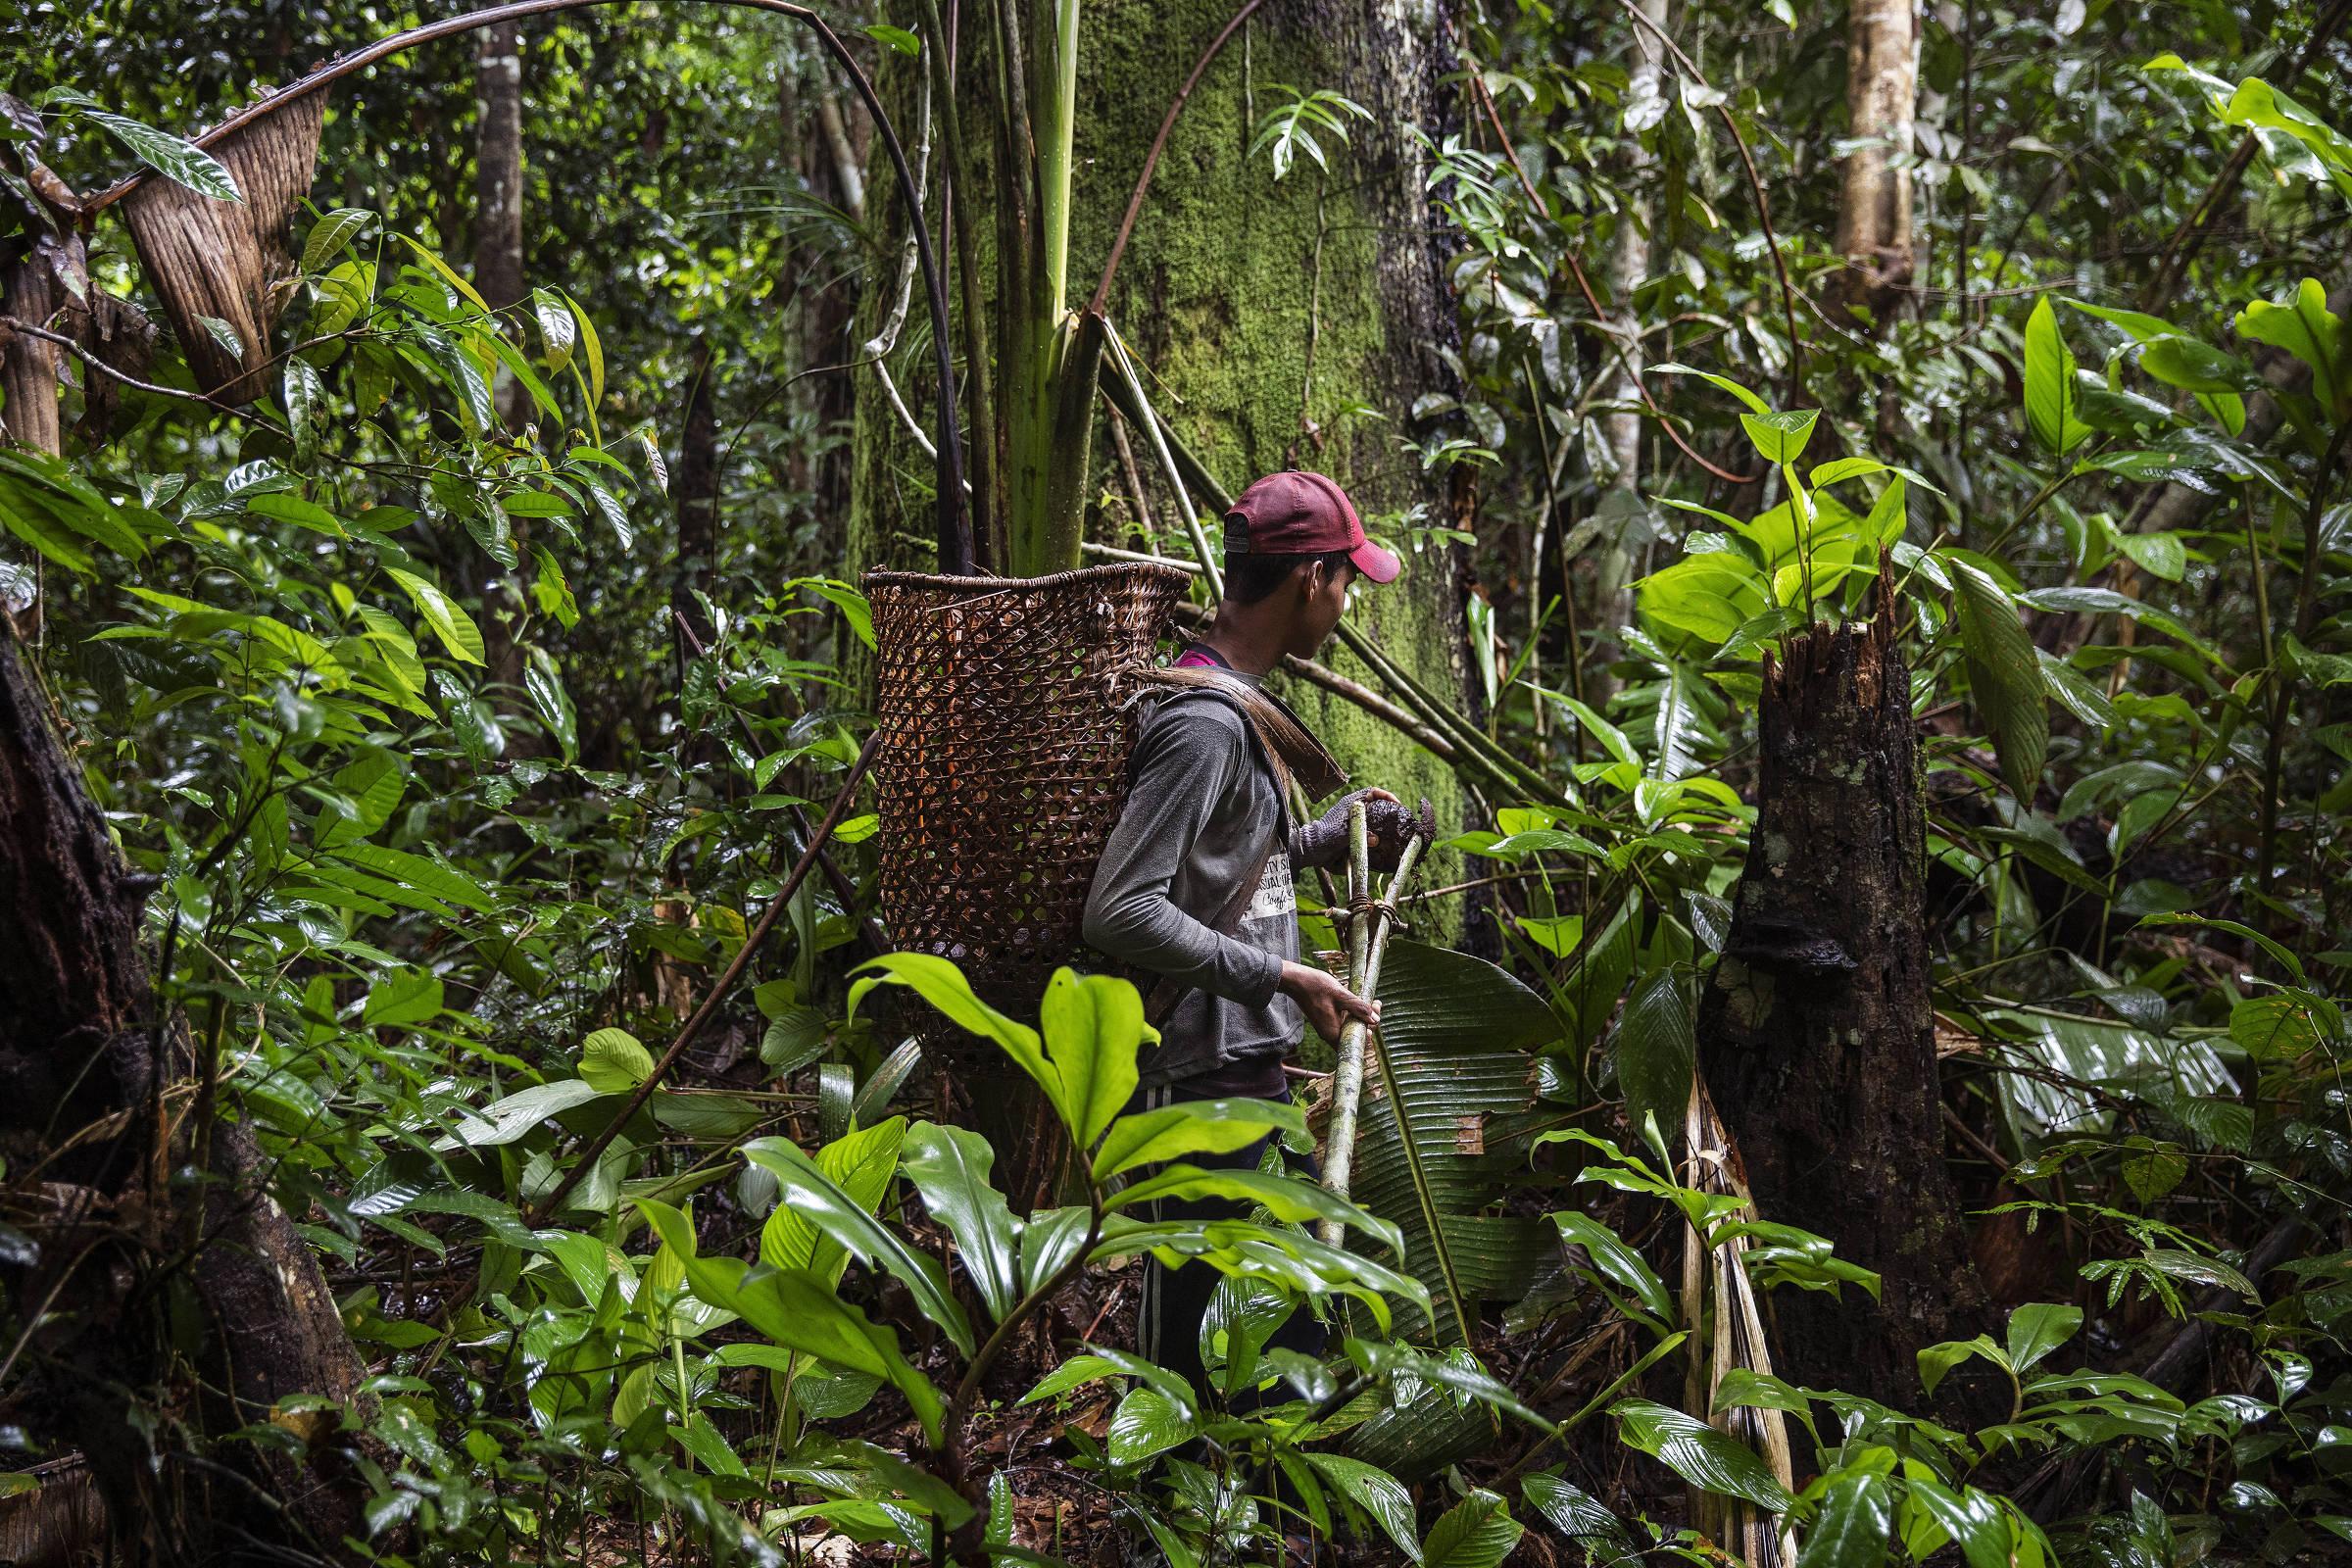 Jasson Oliveira do Nascimento, morador da Reserva Extrativista Arapixi (AM), coleta castanha na área do Projeto de Assentamento Extrativista Antimary, que está sendo invadida por grileiros